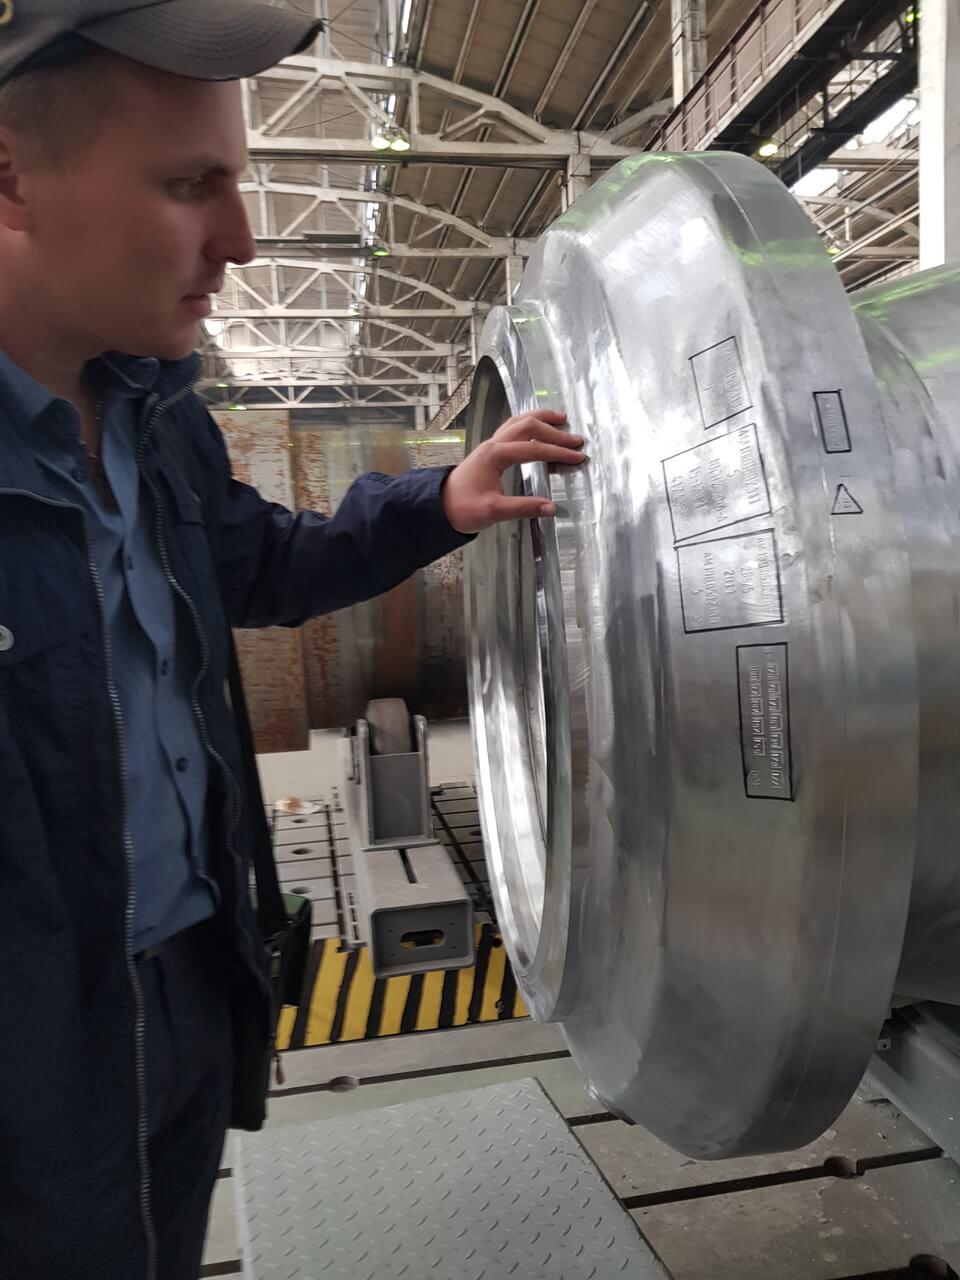 АО «ВО «Безопасность» ведет приемку оборудования  для первой турецкой АЭС «Аккую»